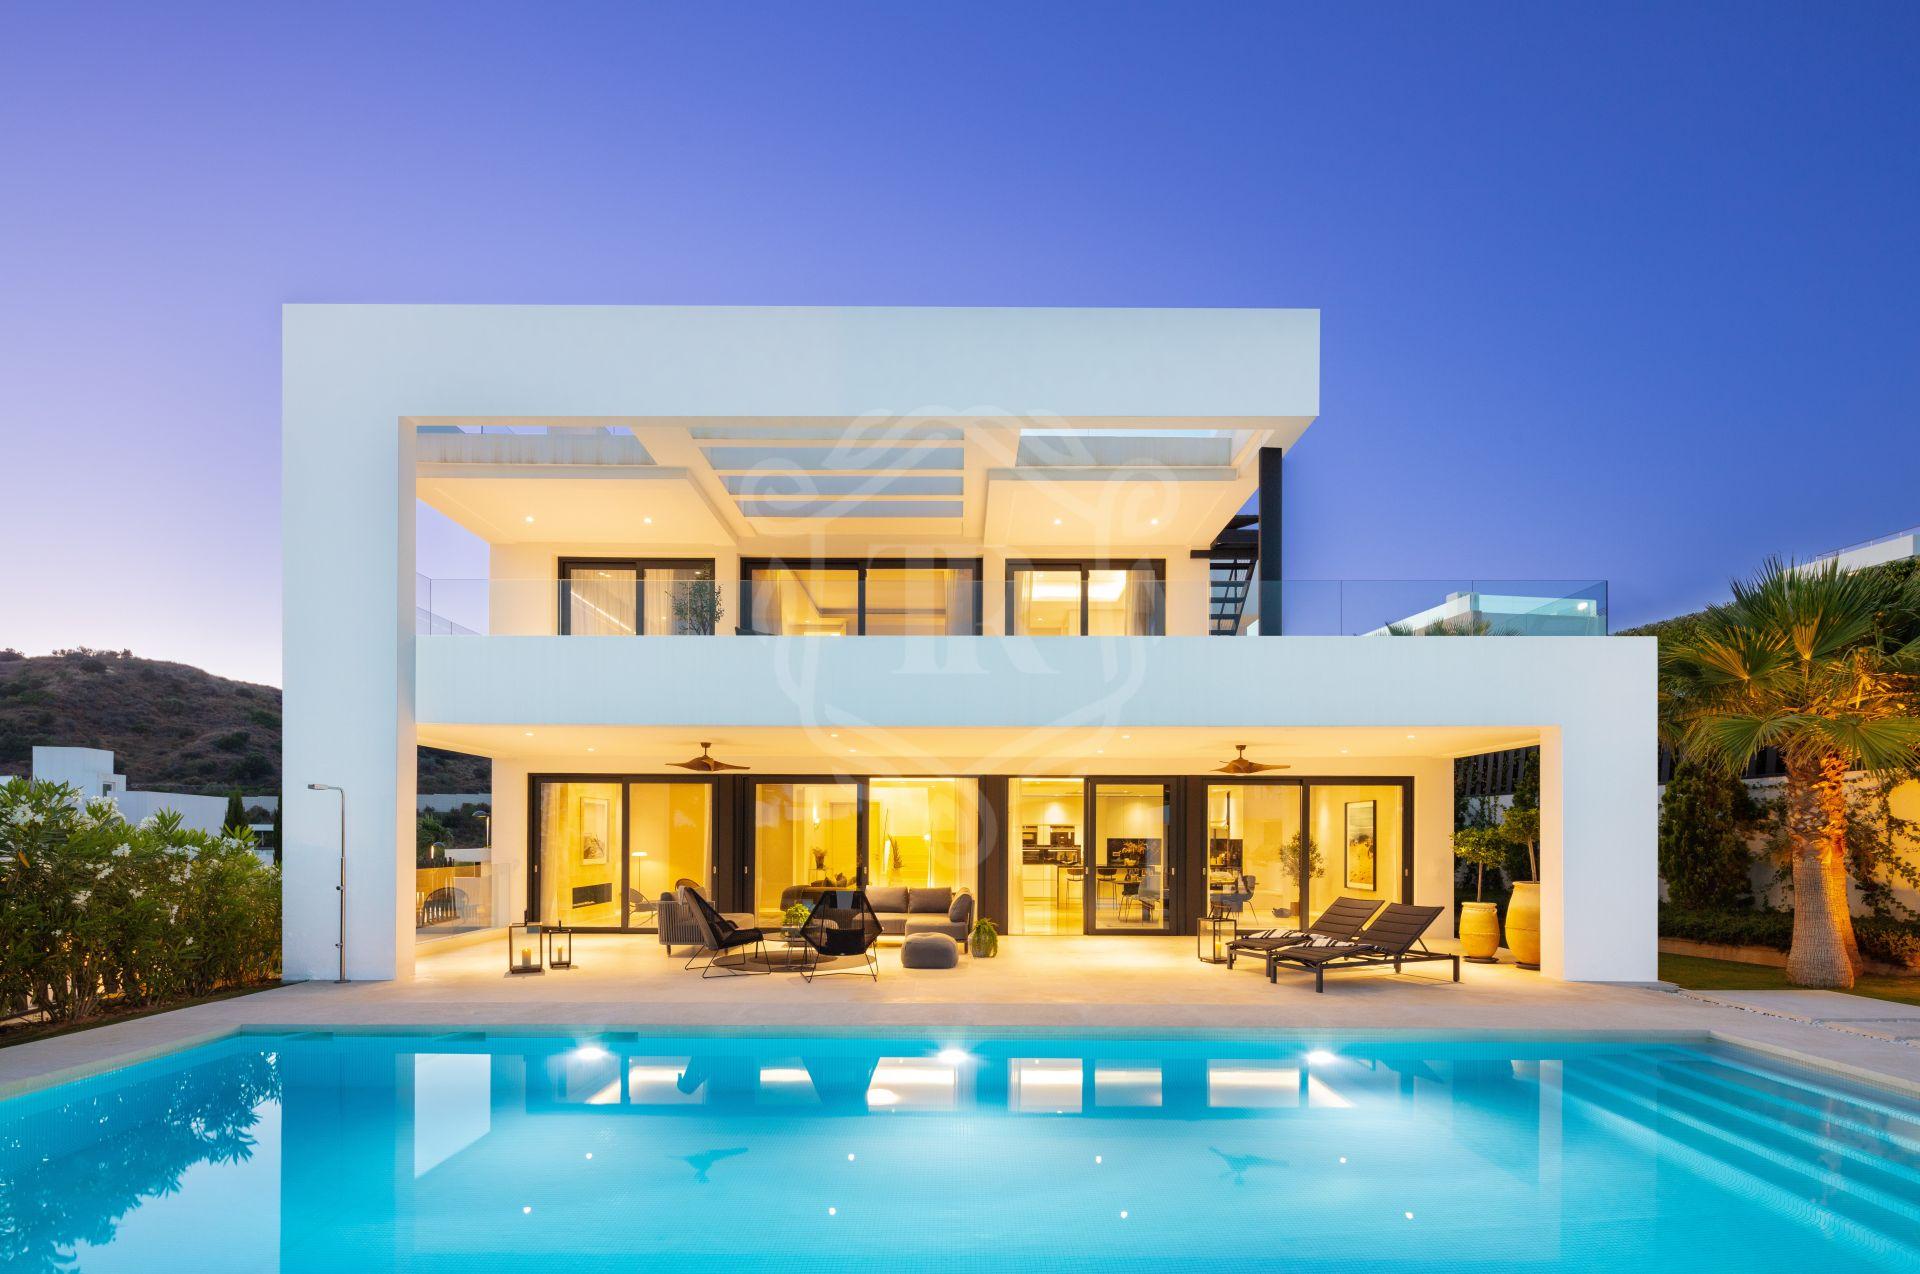 Spectacular 5-bedroom villa in Los Olivos, Nueva Andalucia